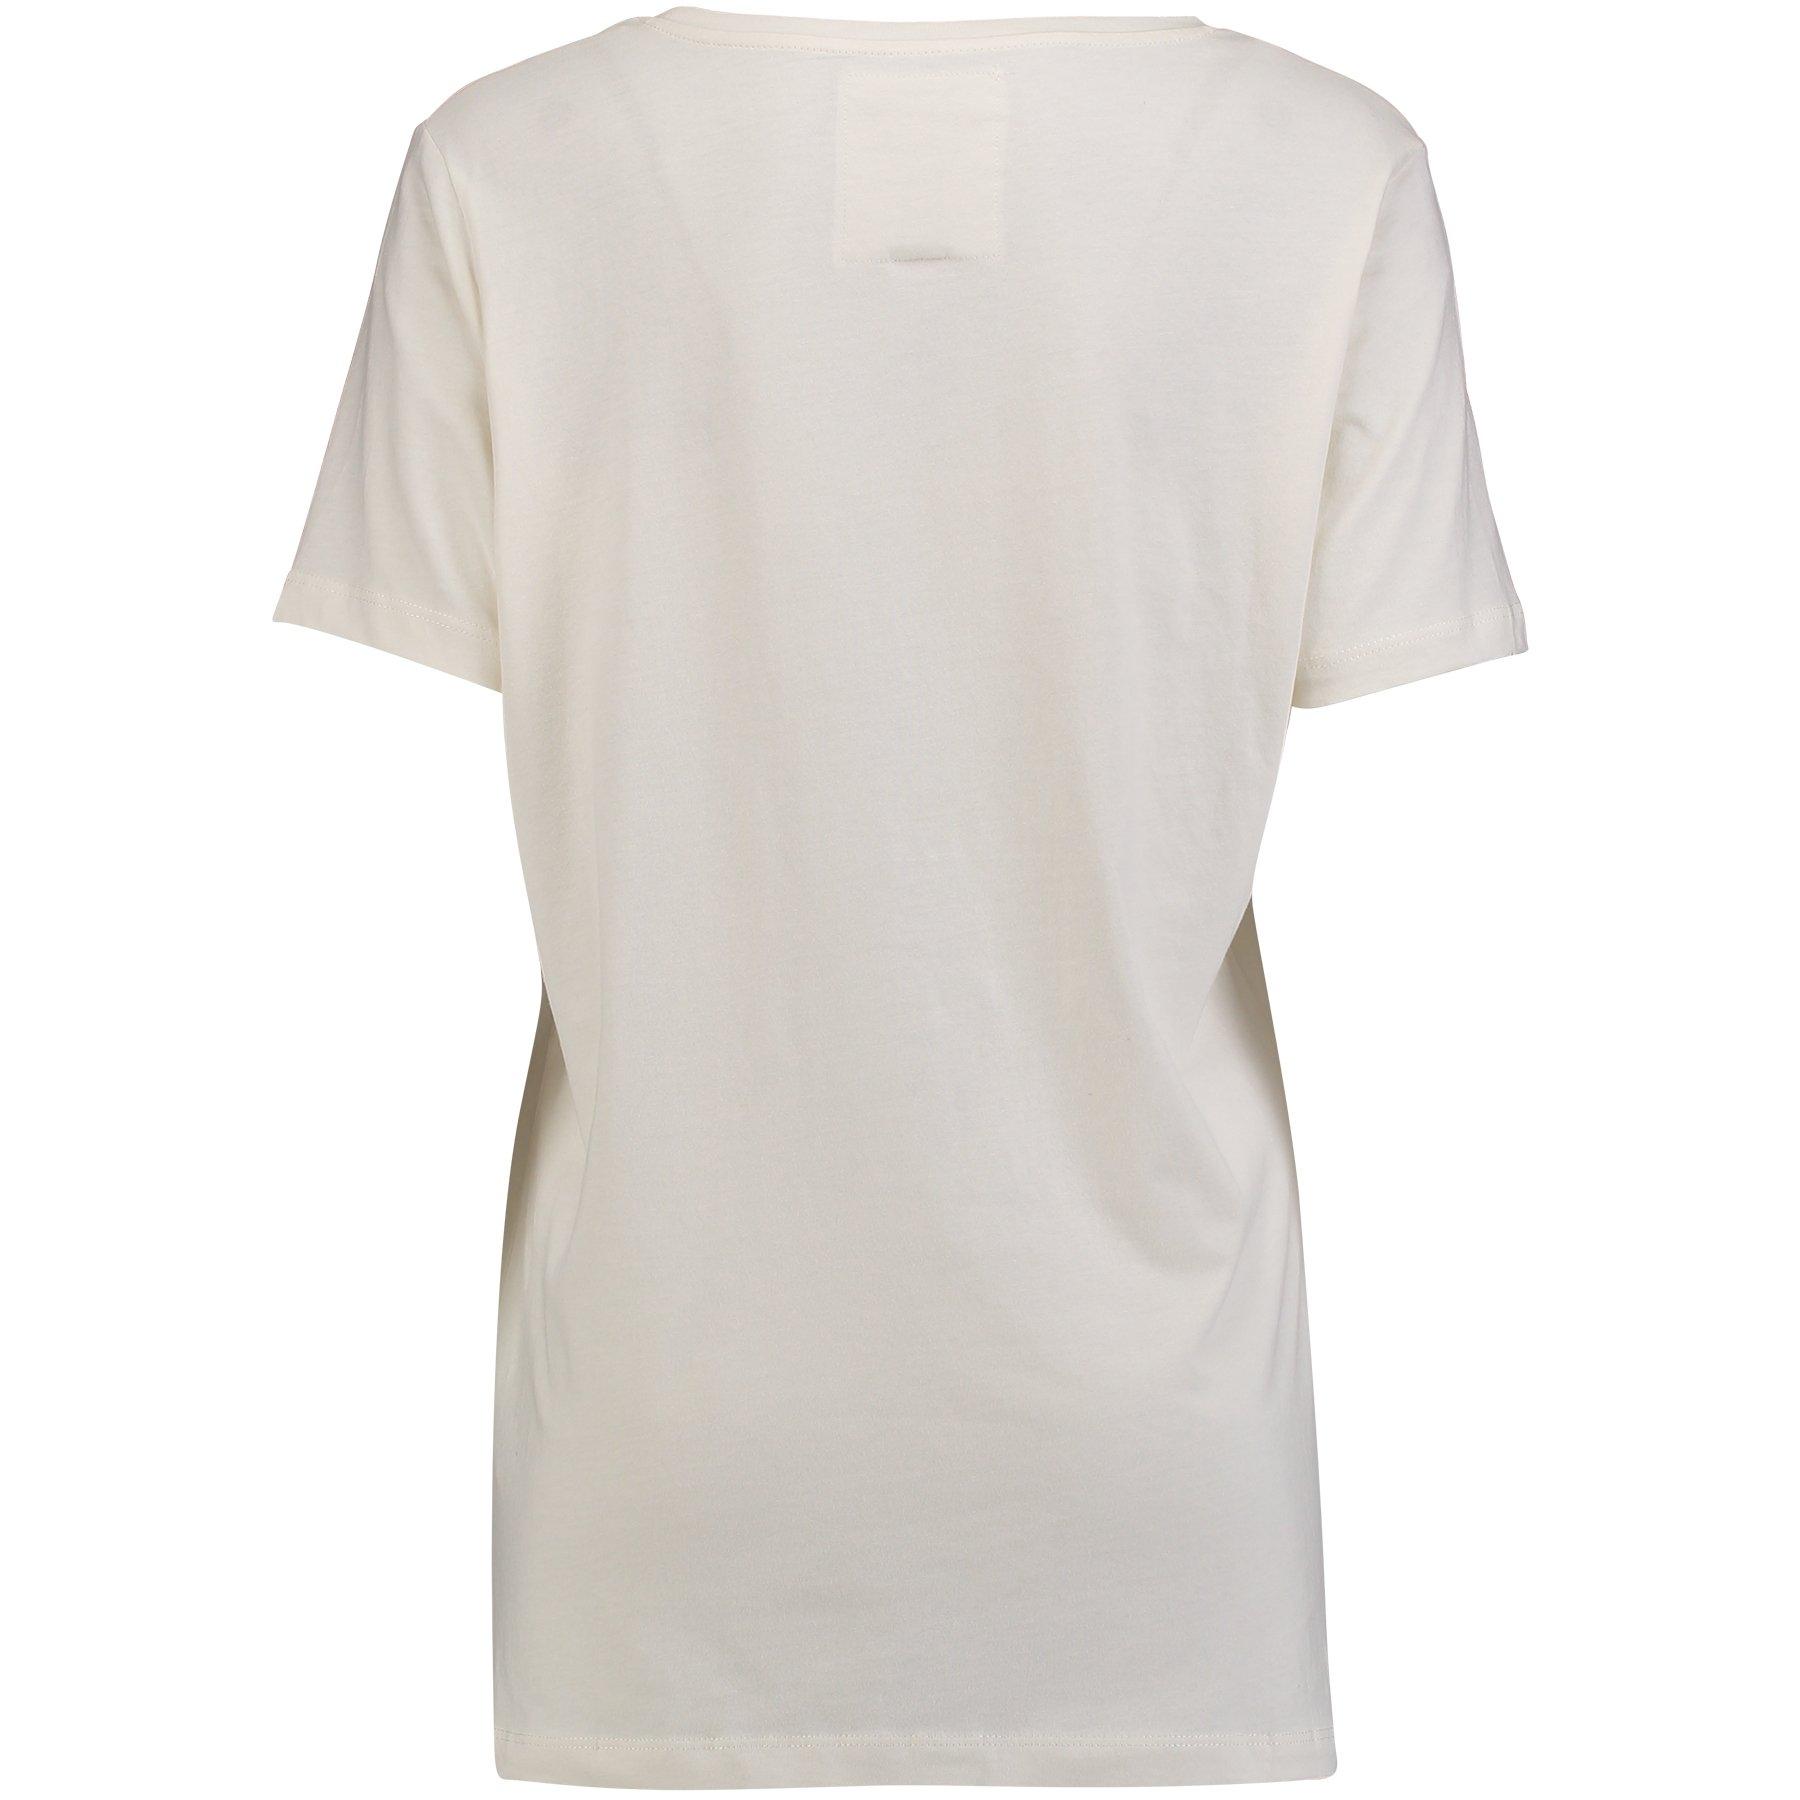 O'neill T-Shirt »Jack's Base Brand« nu online bestellen